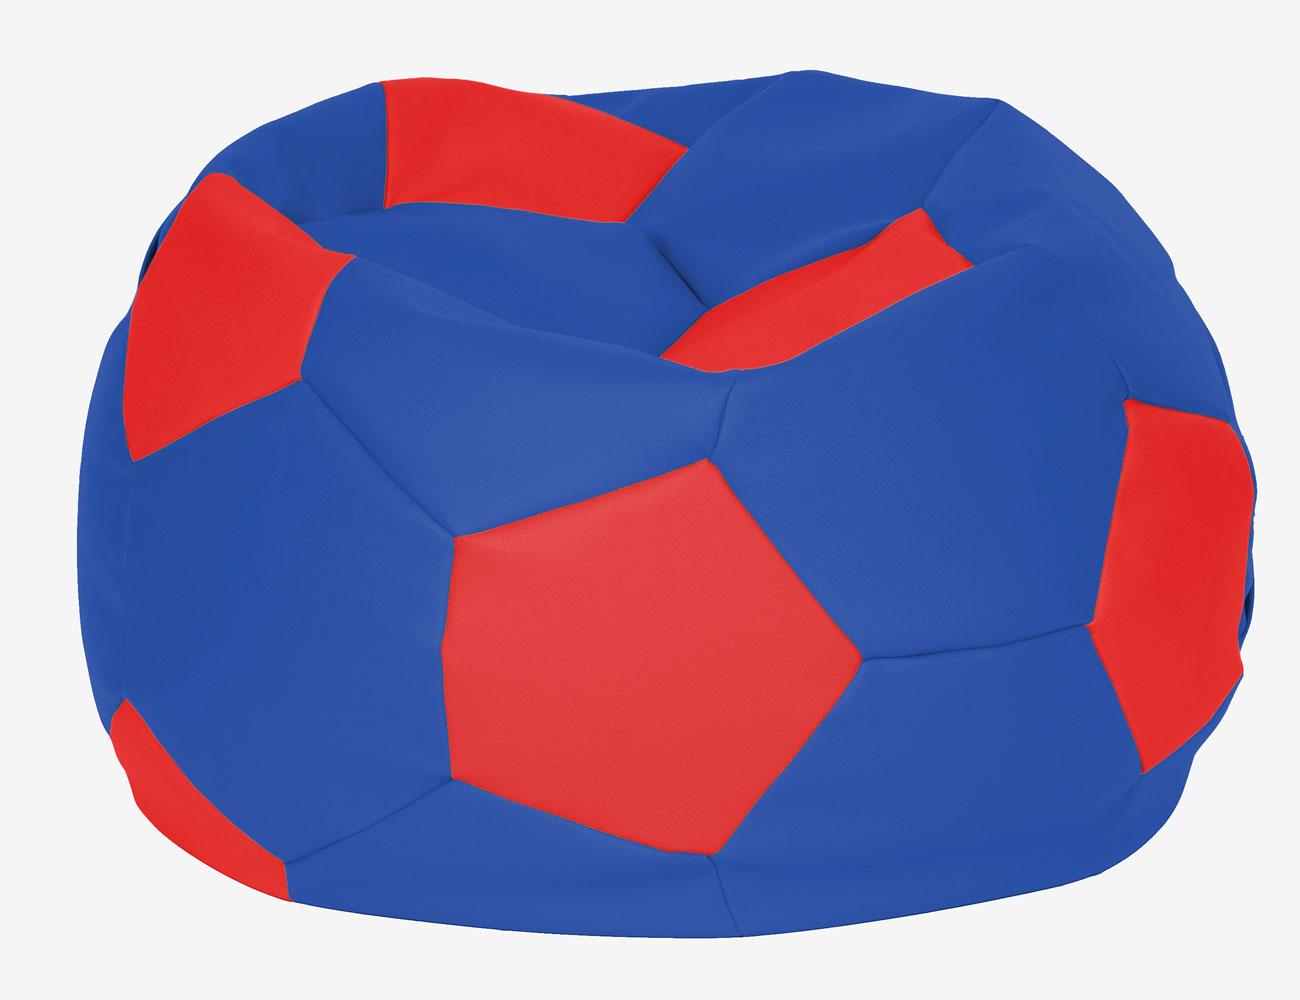 Puff pelota futbol azul rojo